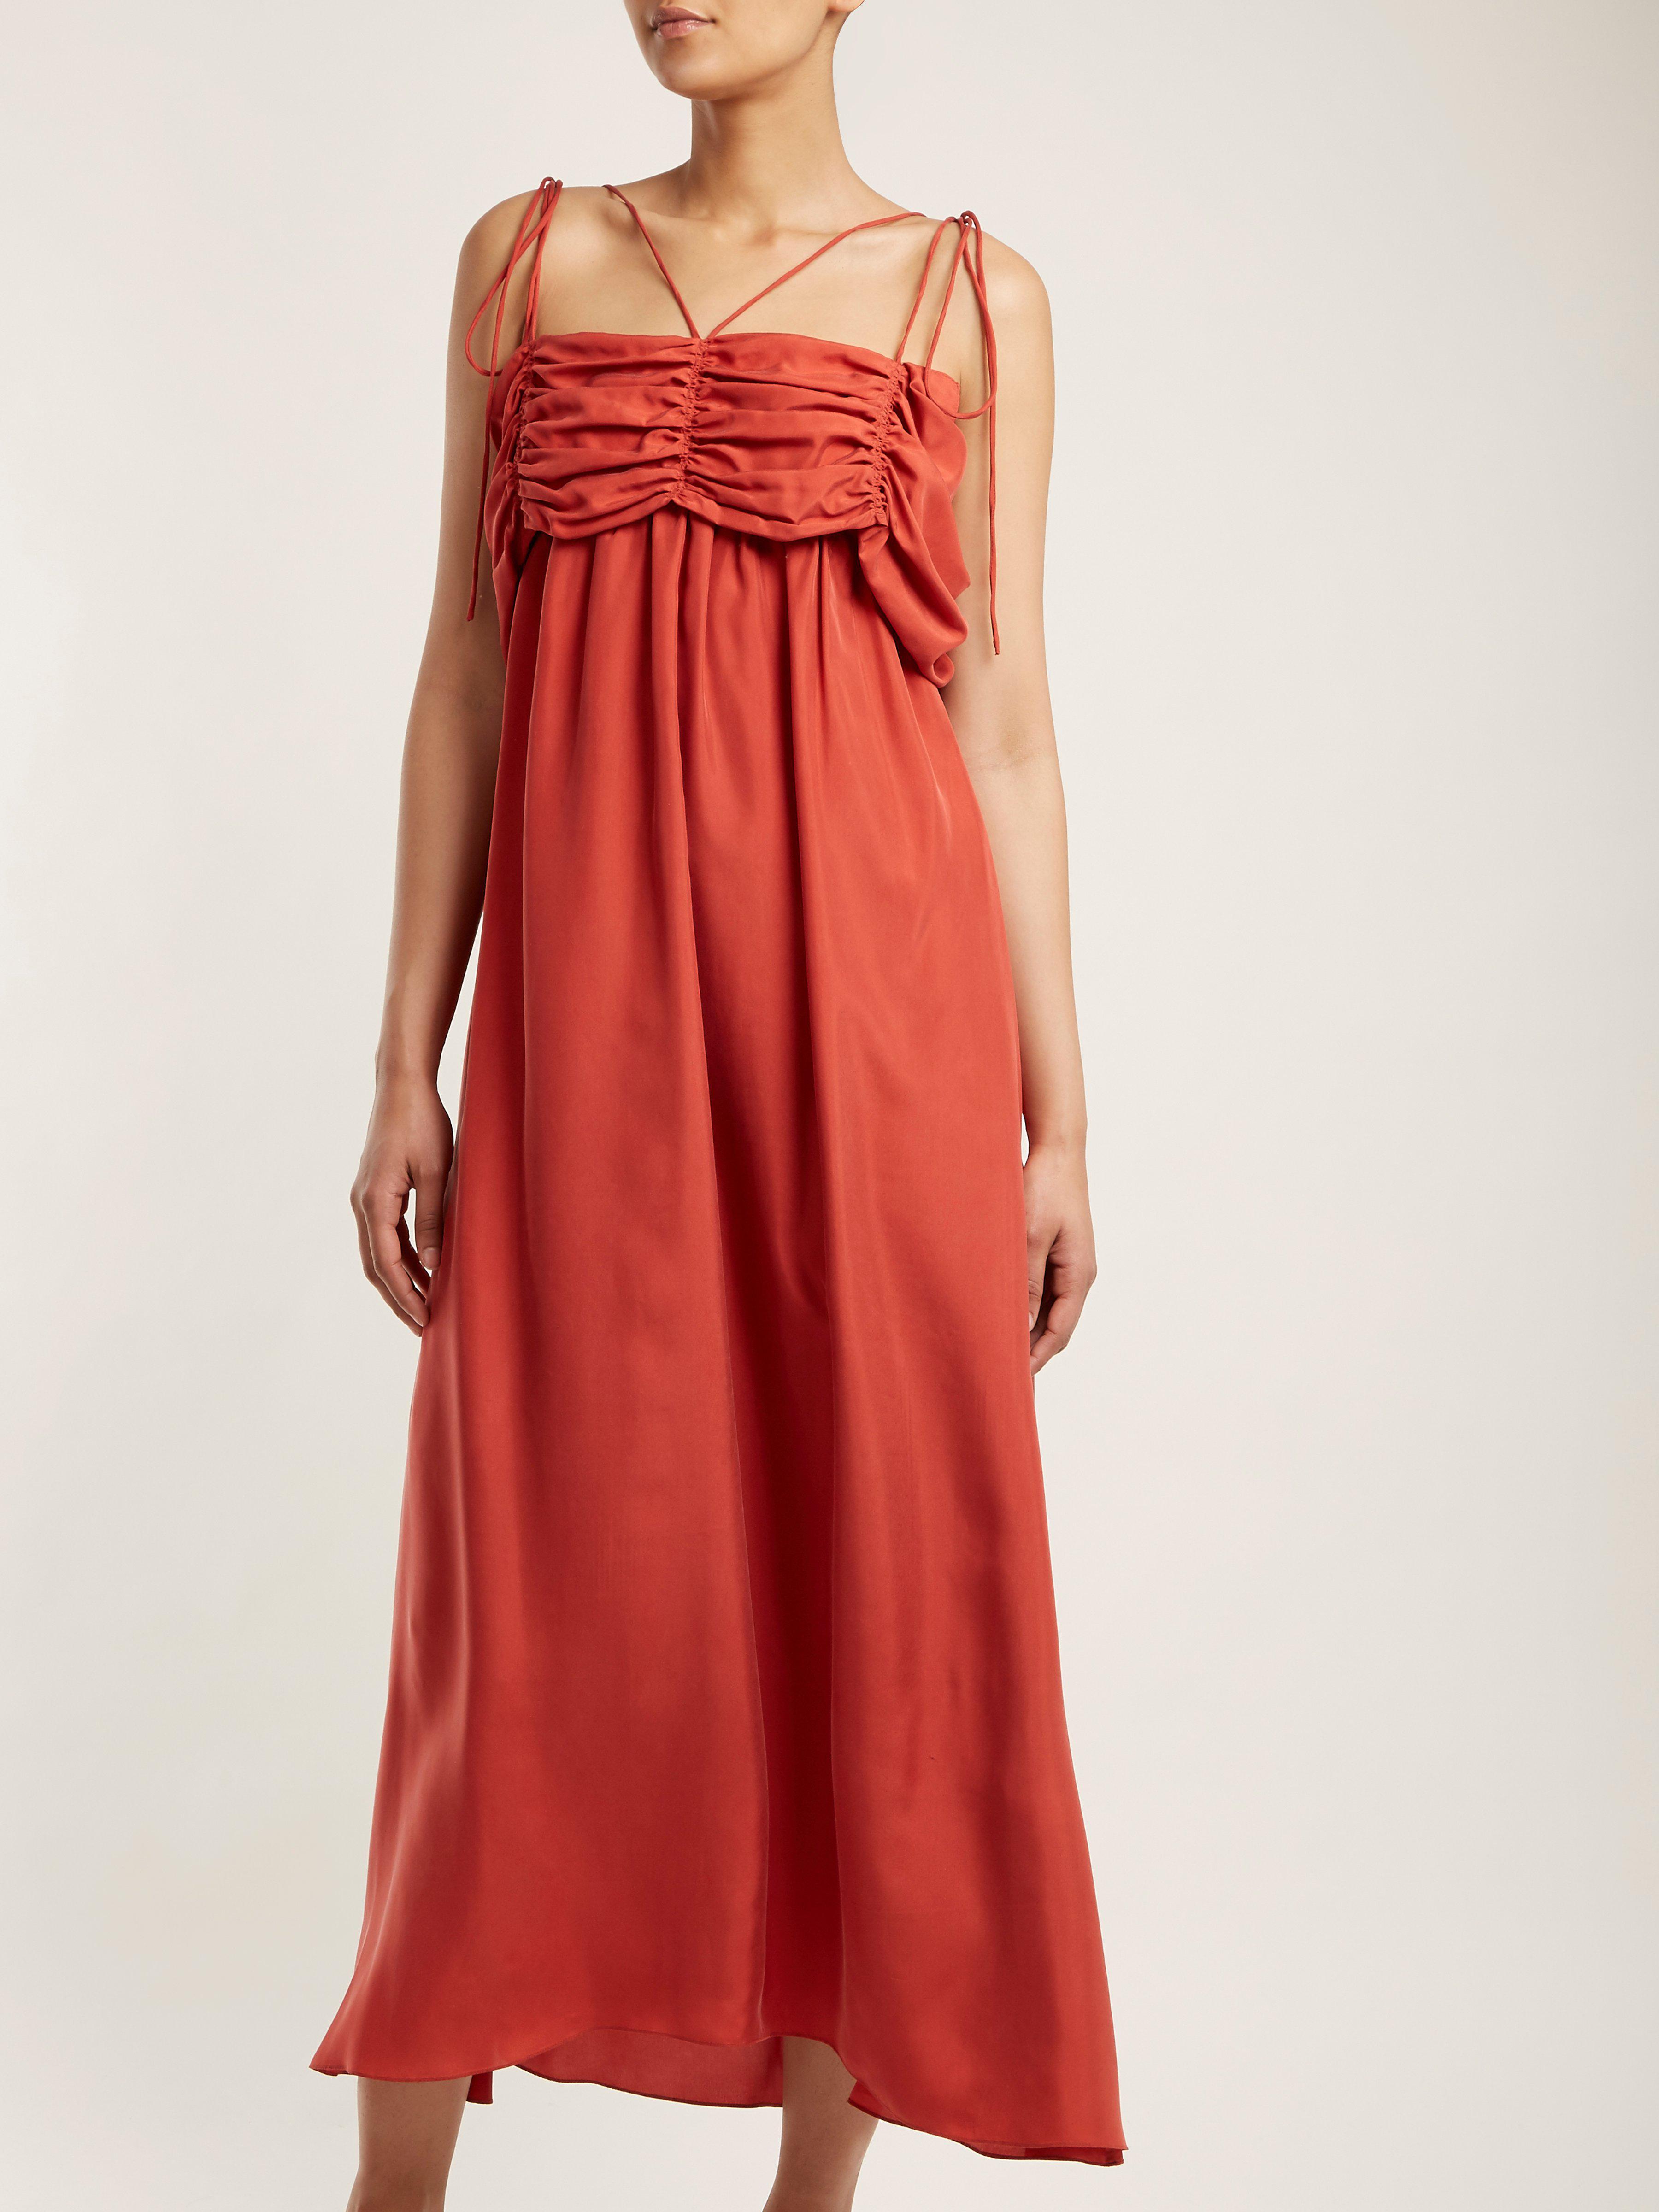 Robe en soie à col carré et fronces Soie Isa Arfen en coloris Rouge